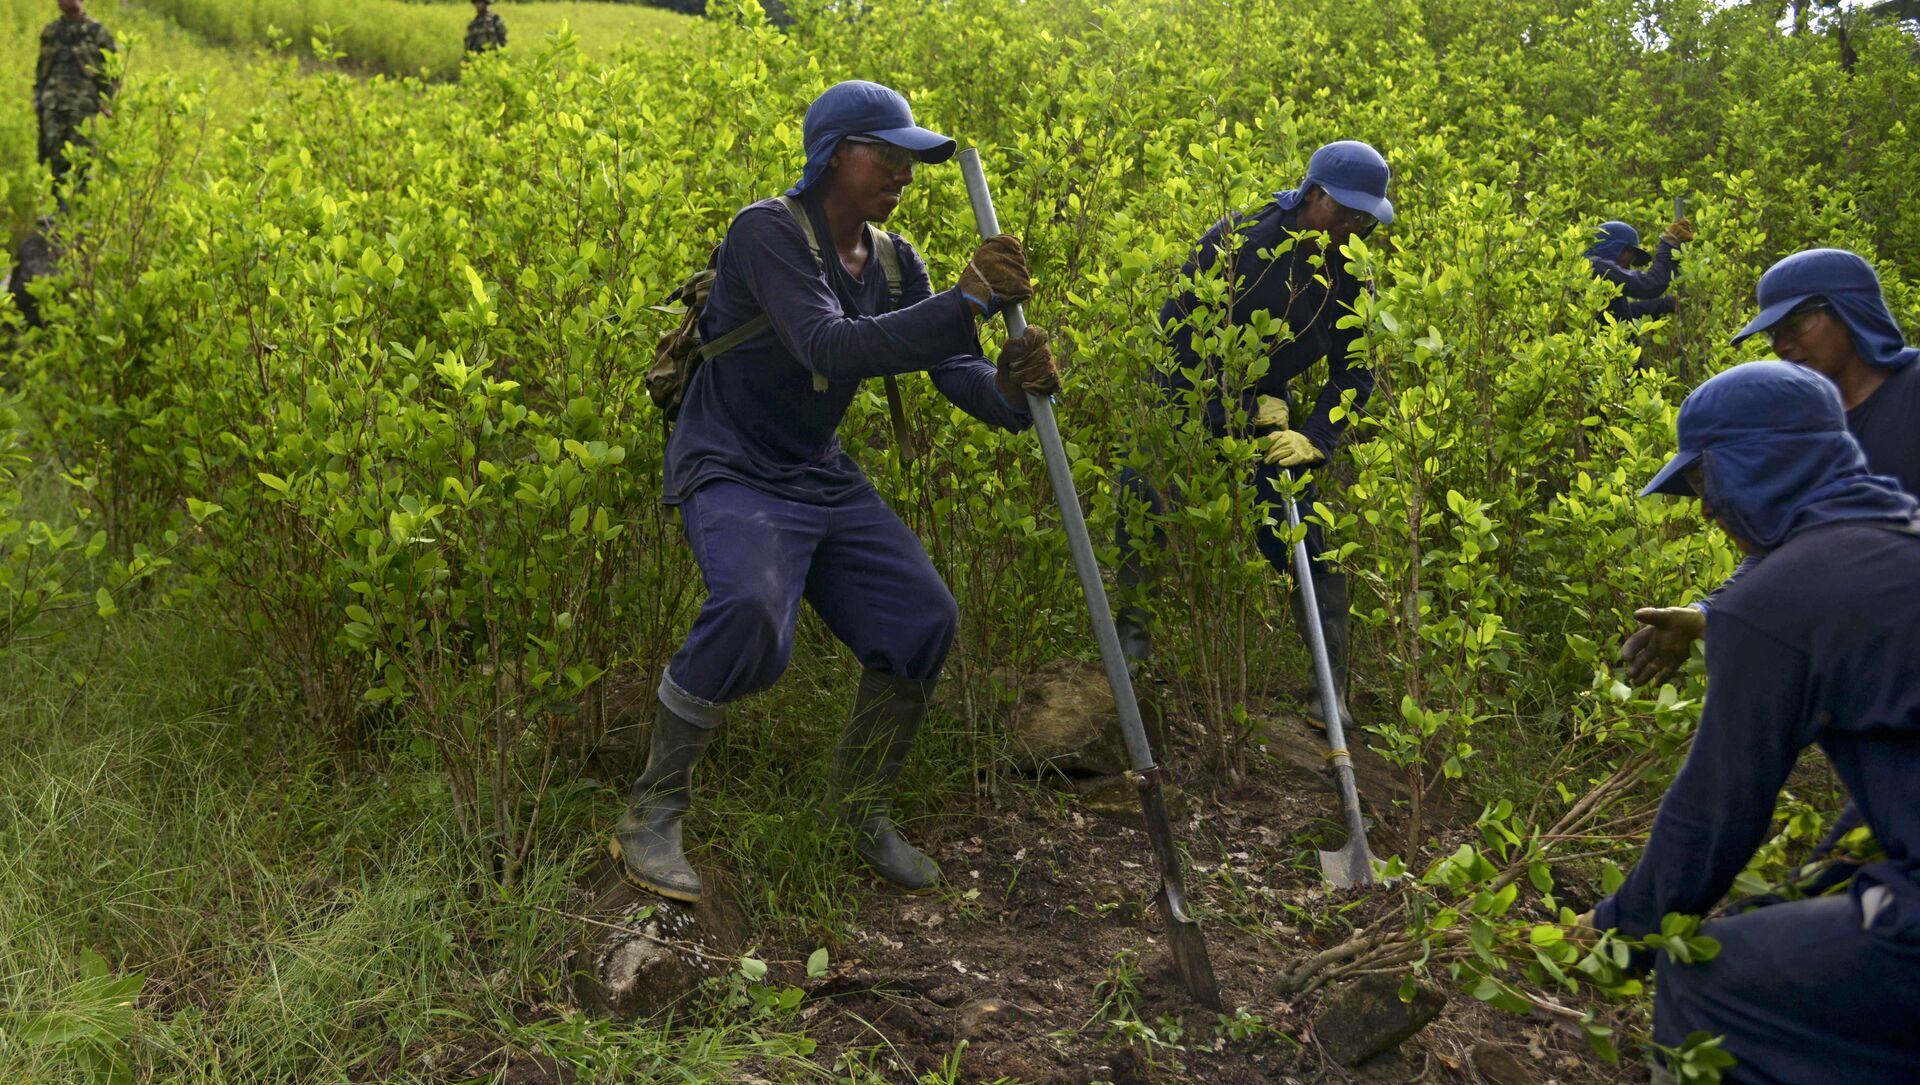 Erradicación de cultivos de coca en Colombia por parte de campesinos - Sputnik Mundo, 1920, 13.07.2020